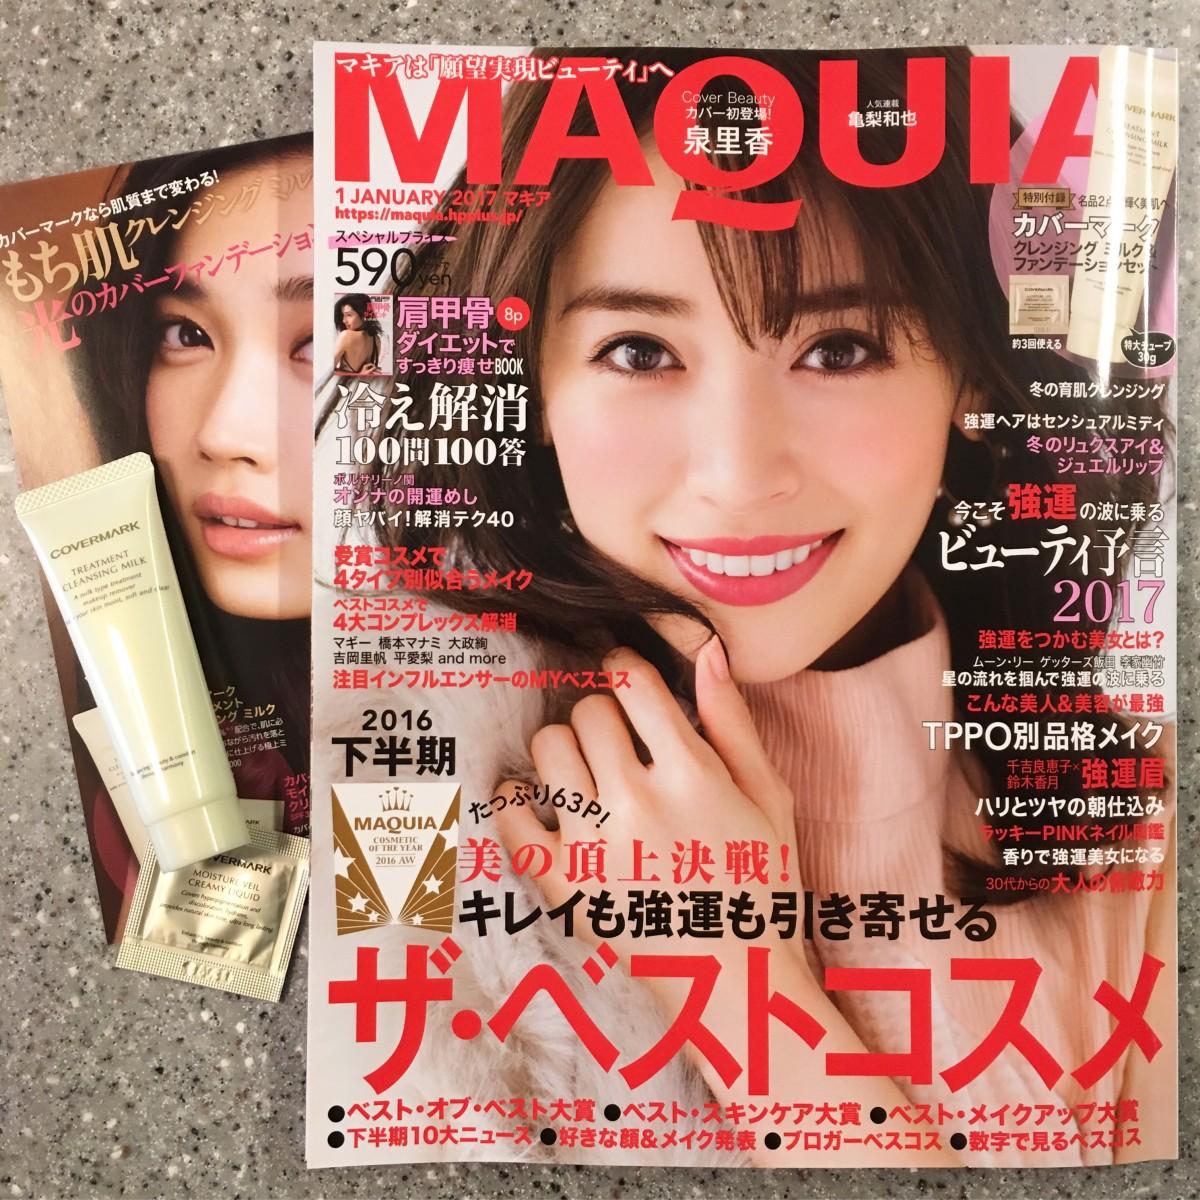 強運をつかみとる「美人」とは?! MAQUIA(マキア)1月号 発売中☆